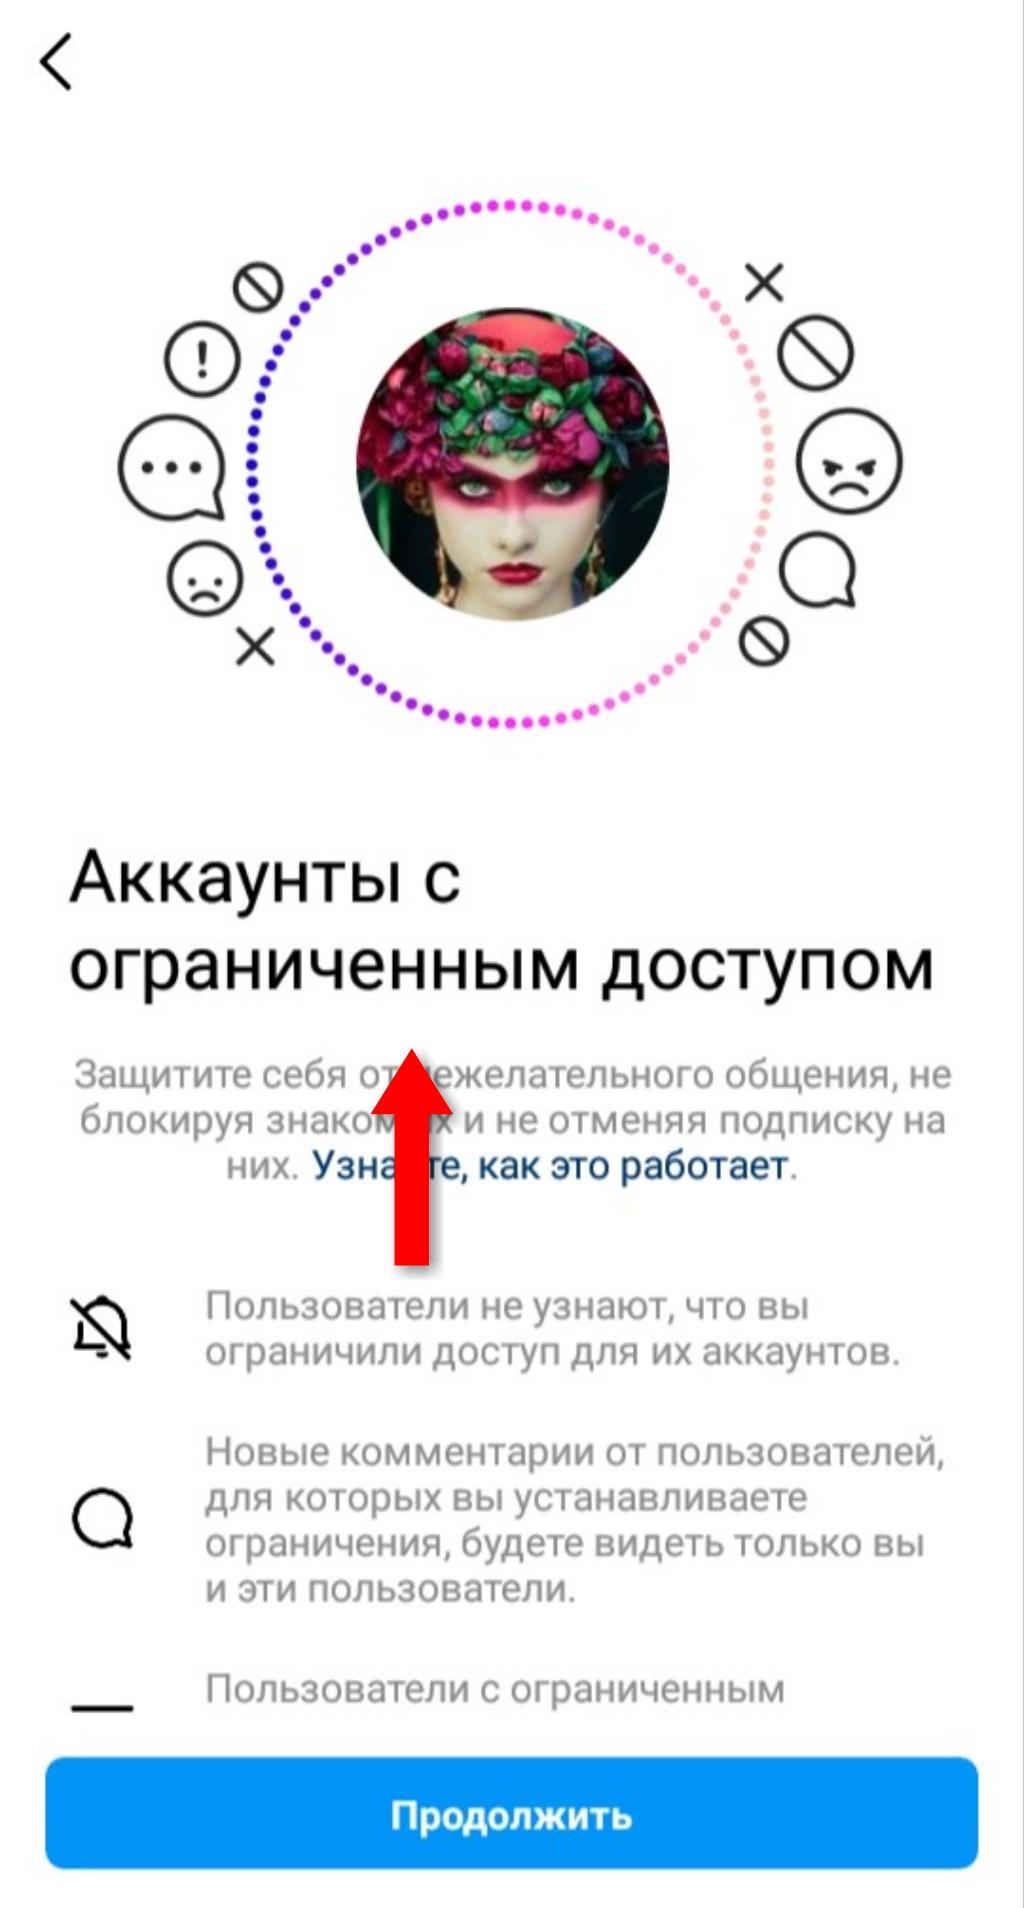 InFrame_1627613499705.jpg